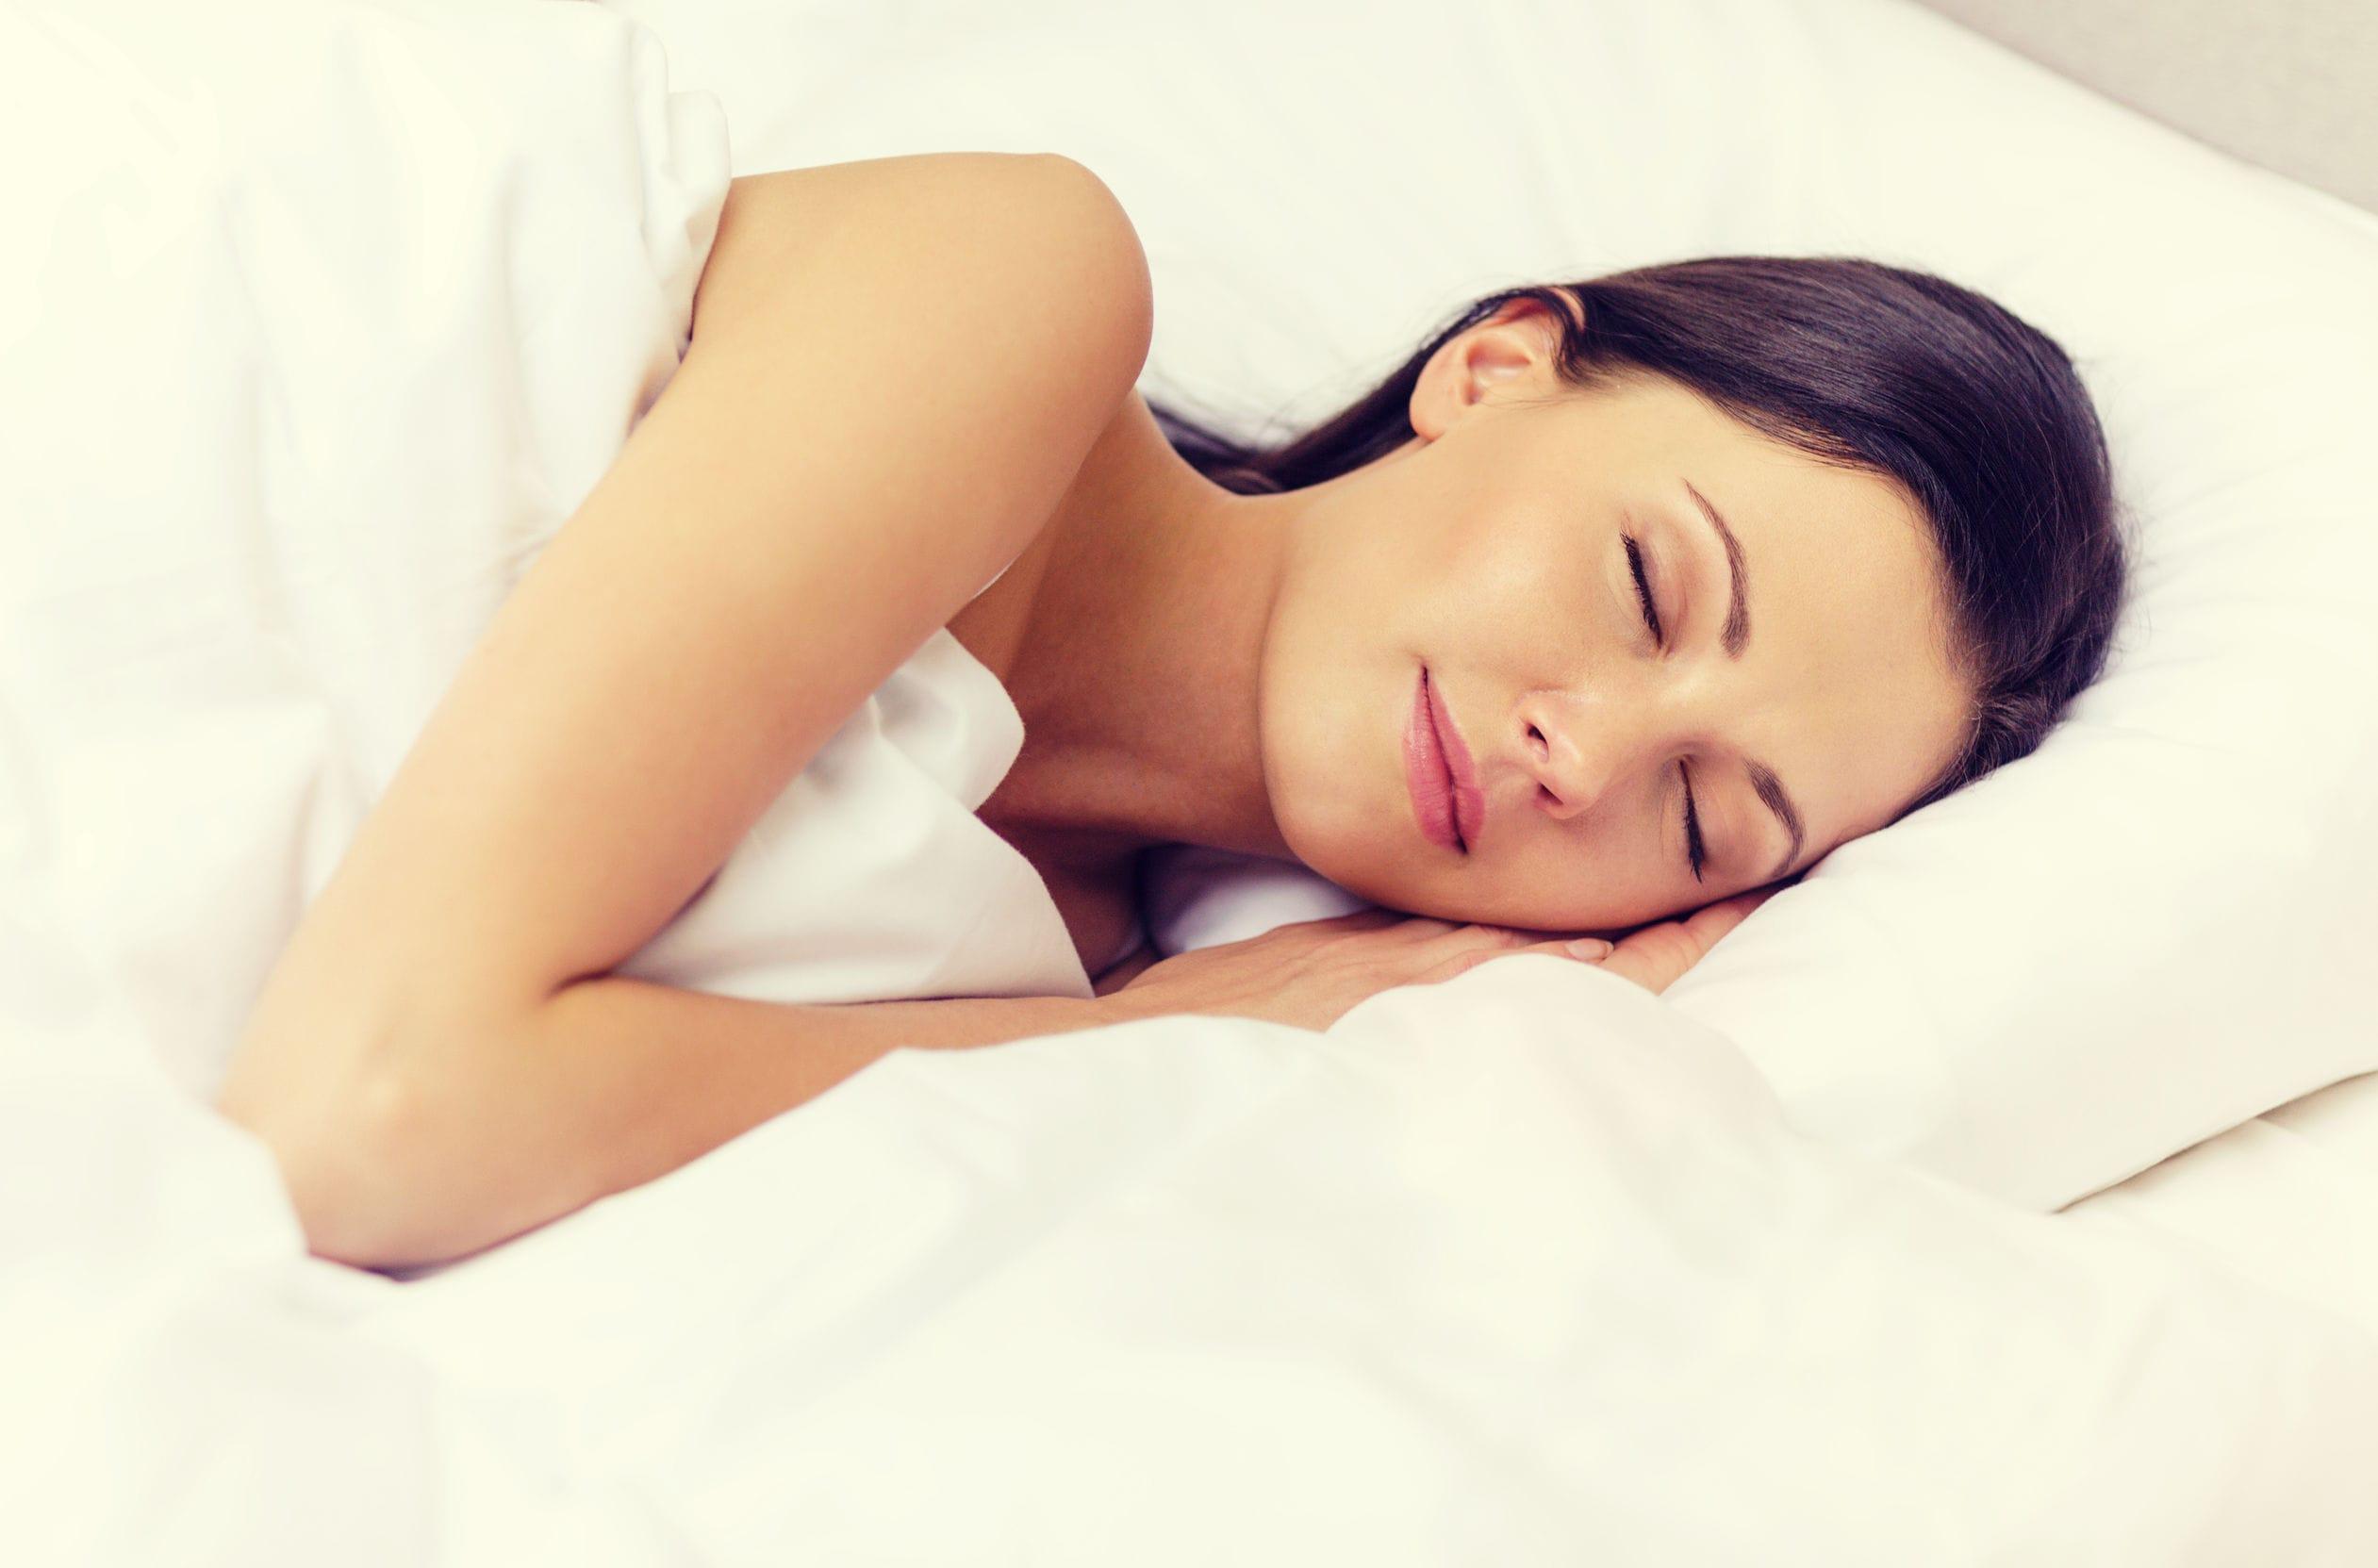 確実に痩せるダイエット方法睡眠